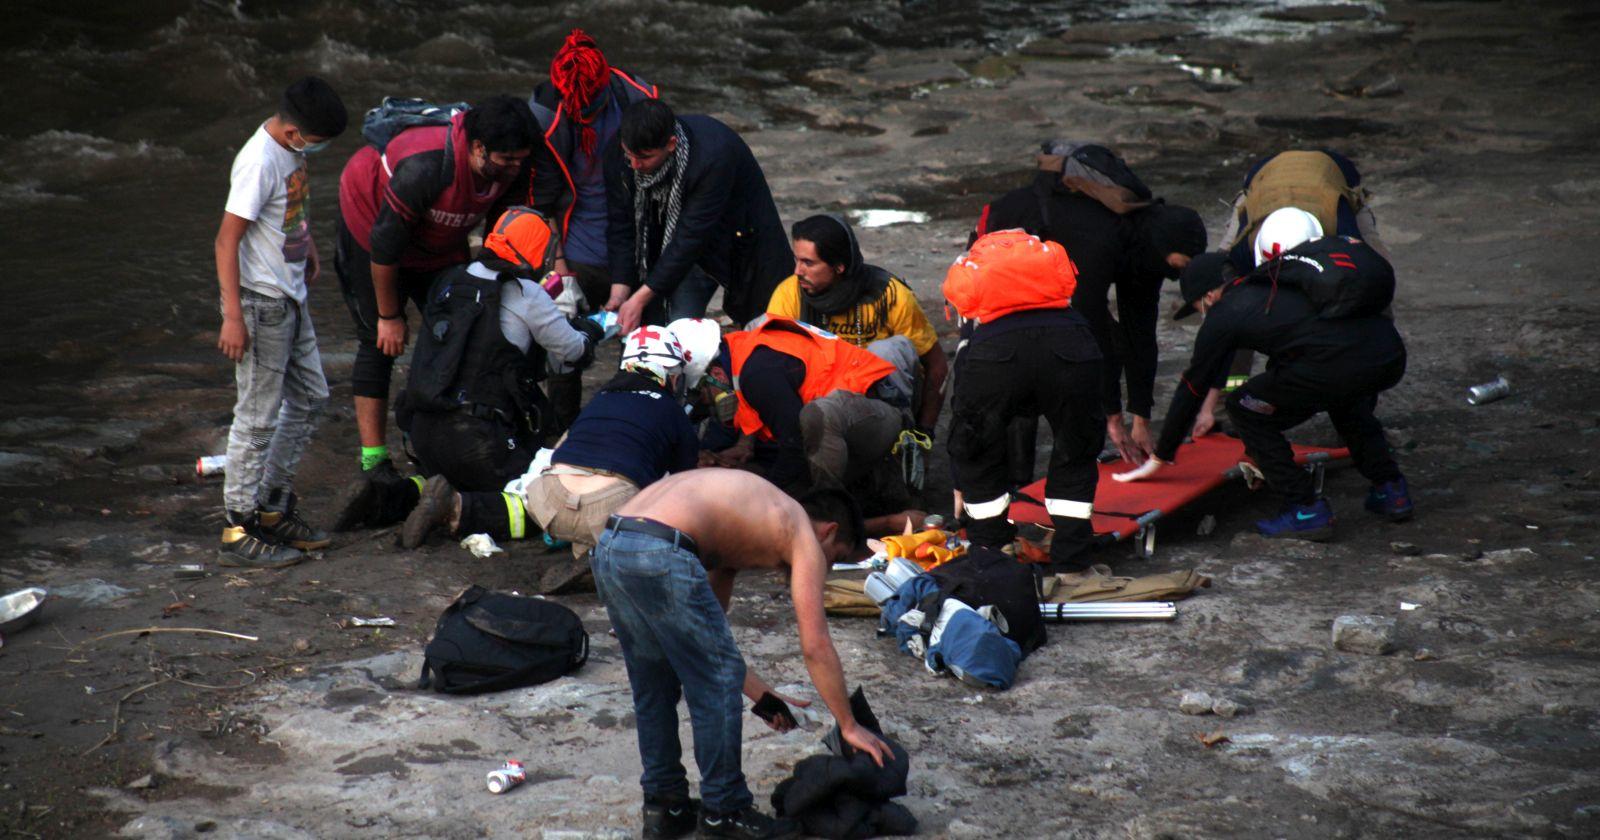 """ONU pidió """"rendición de cuentas"""" por actuación policial tras caída de joven al río Mapocho"""